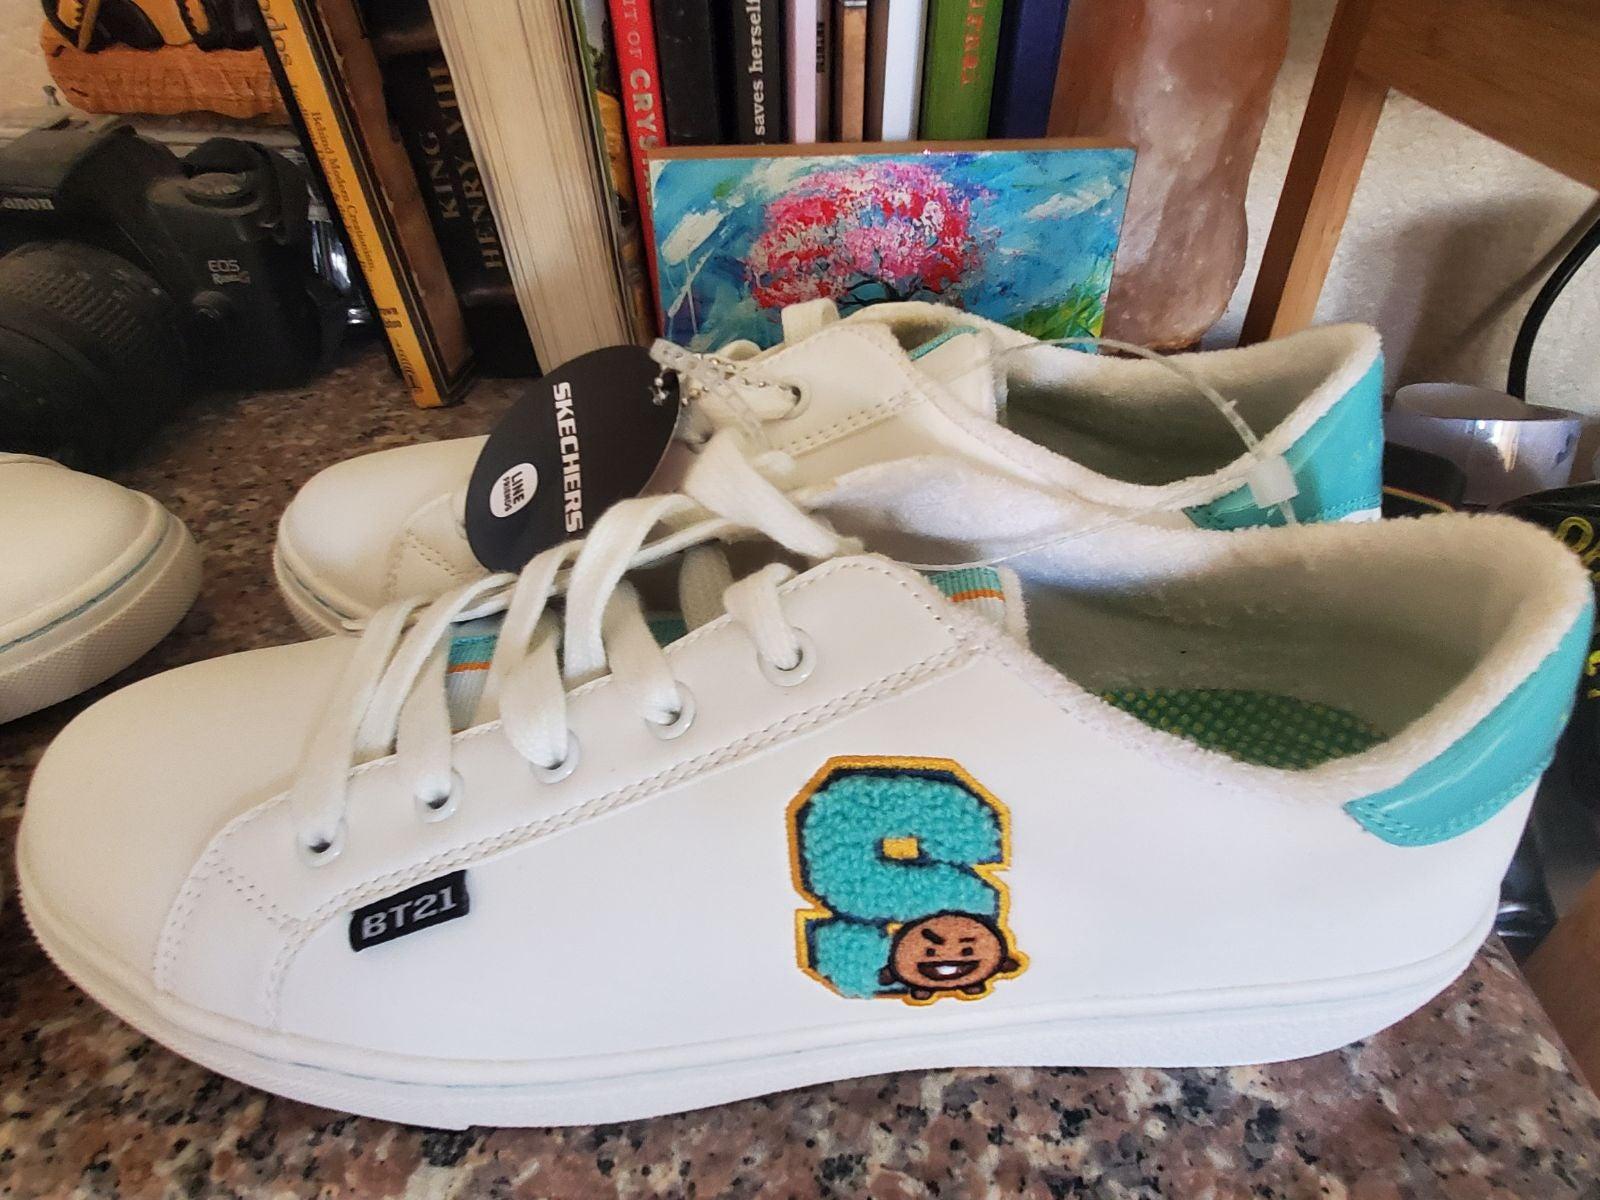 BT21 Shoes